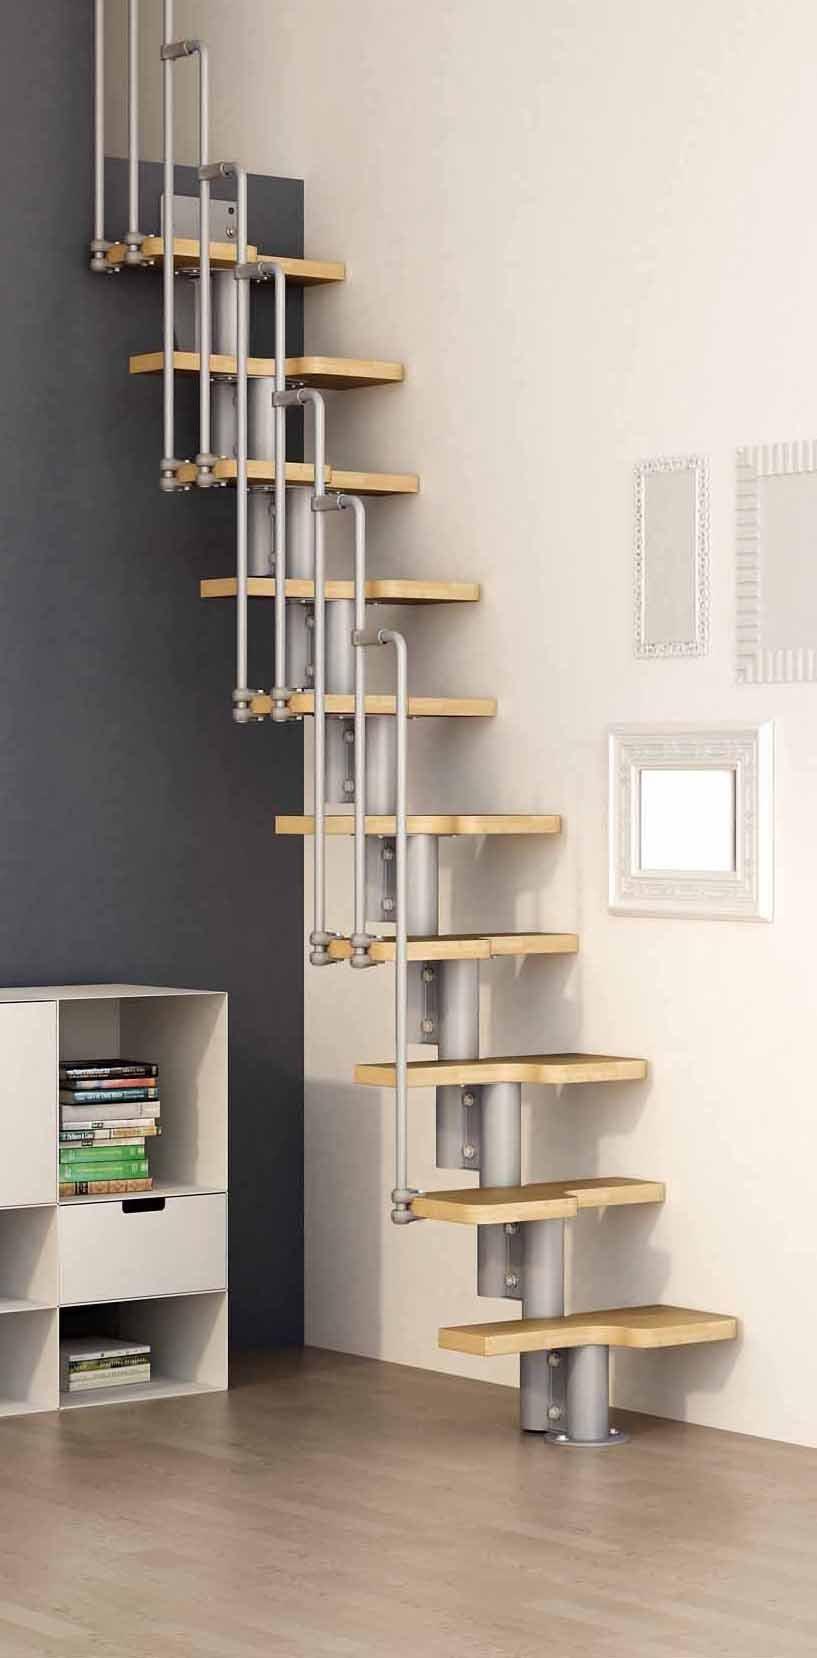 Scale fra varianti strutturali e idee di design cose di - Scale di casa ...